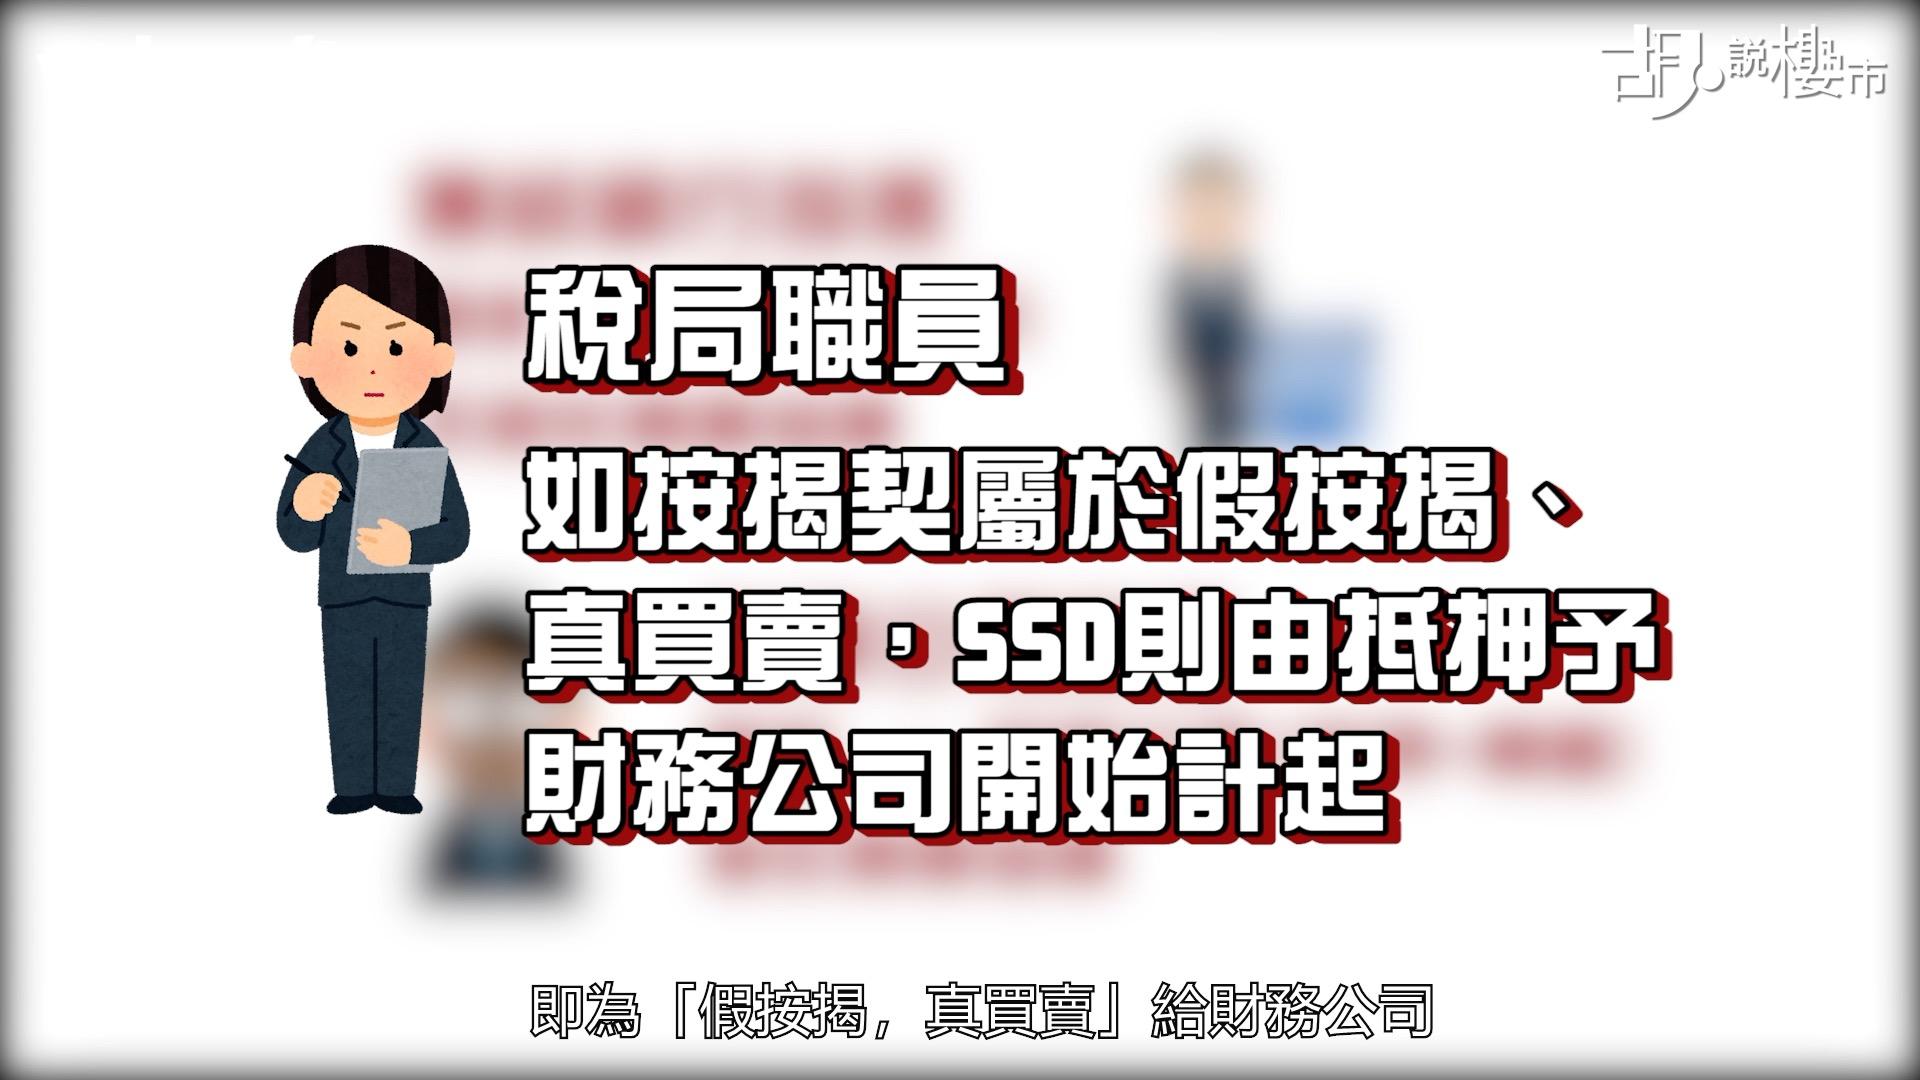 【胡.說樓市】買銀主盤要交辣稅?小心財仔按揭有「偽裝按揭契」!